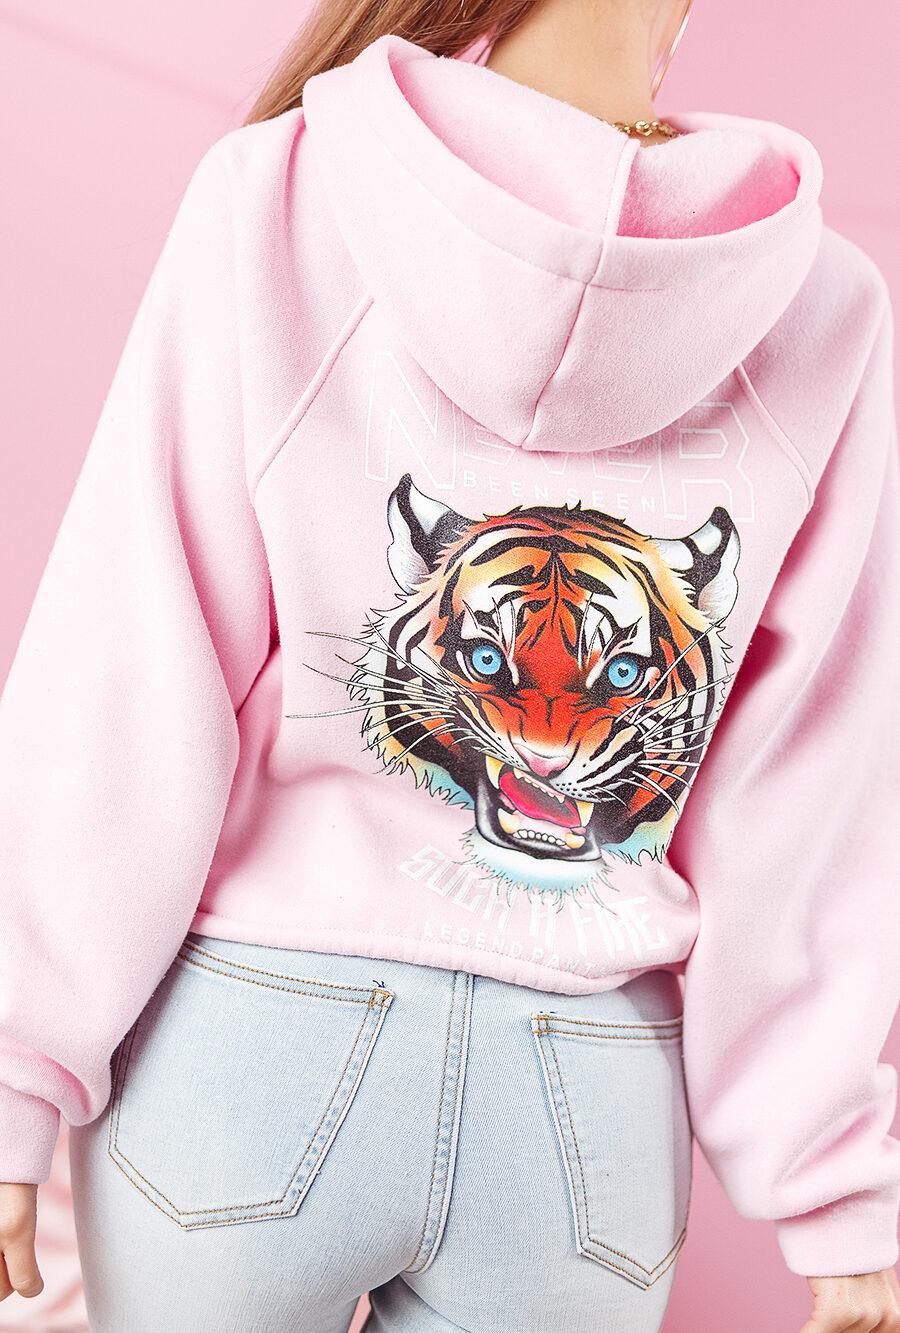 bluza z kapturem damska wiazana w pasie z tygrysem na plecach jasny roz (1)